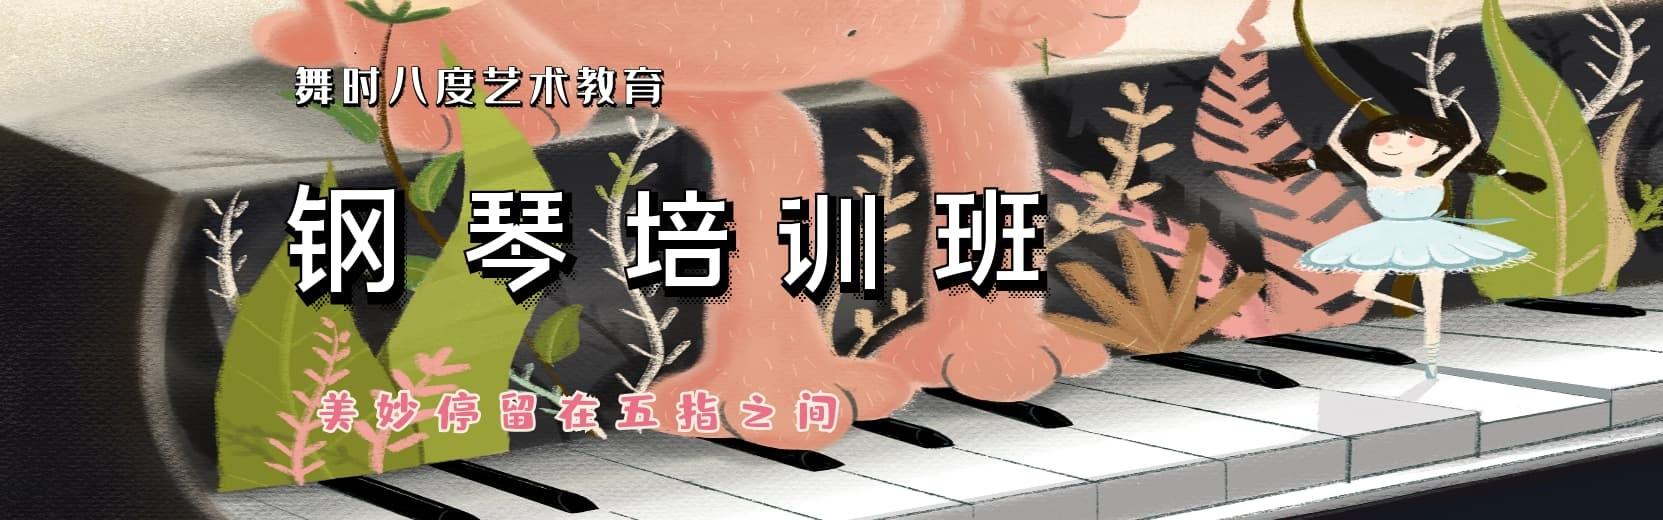 北京专业艺术培训班